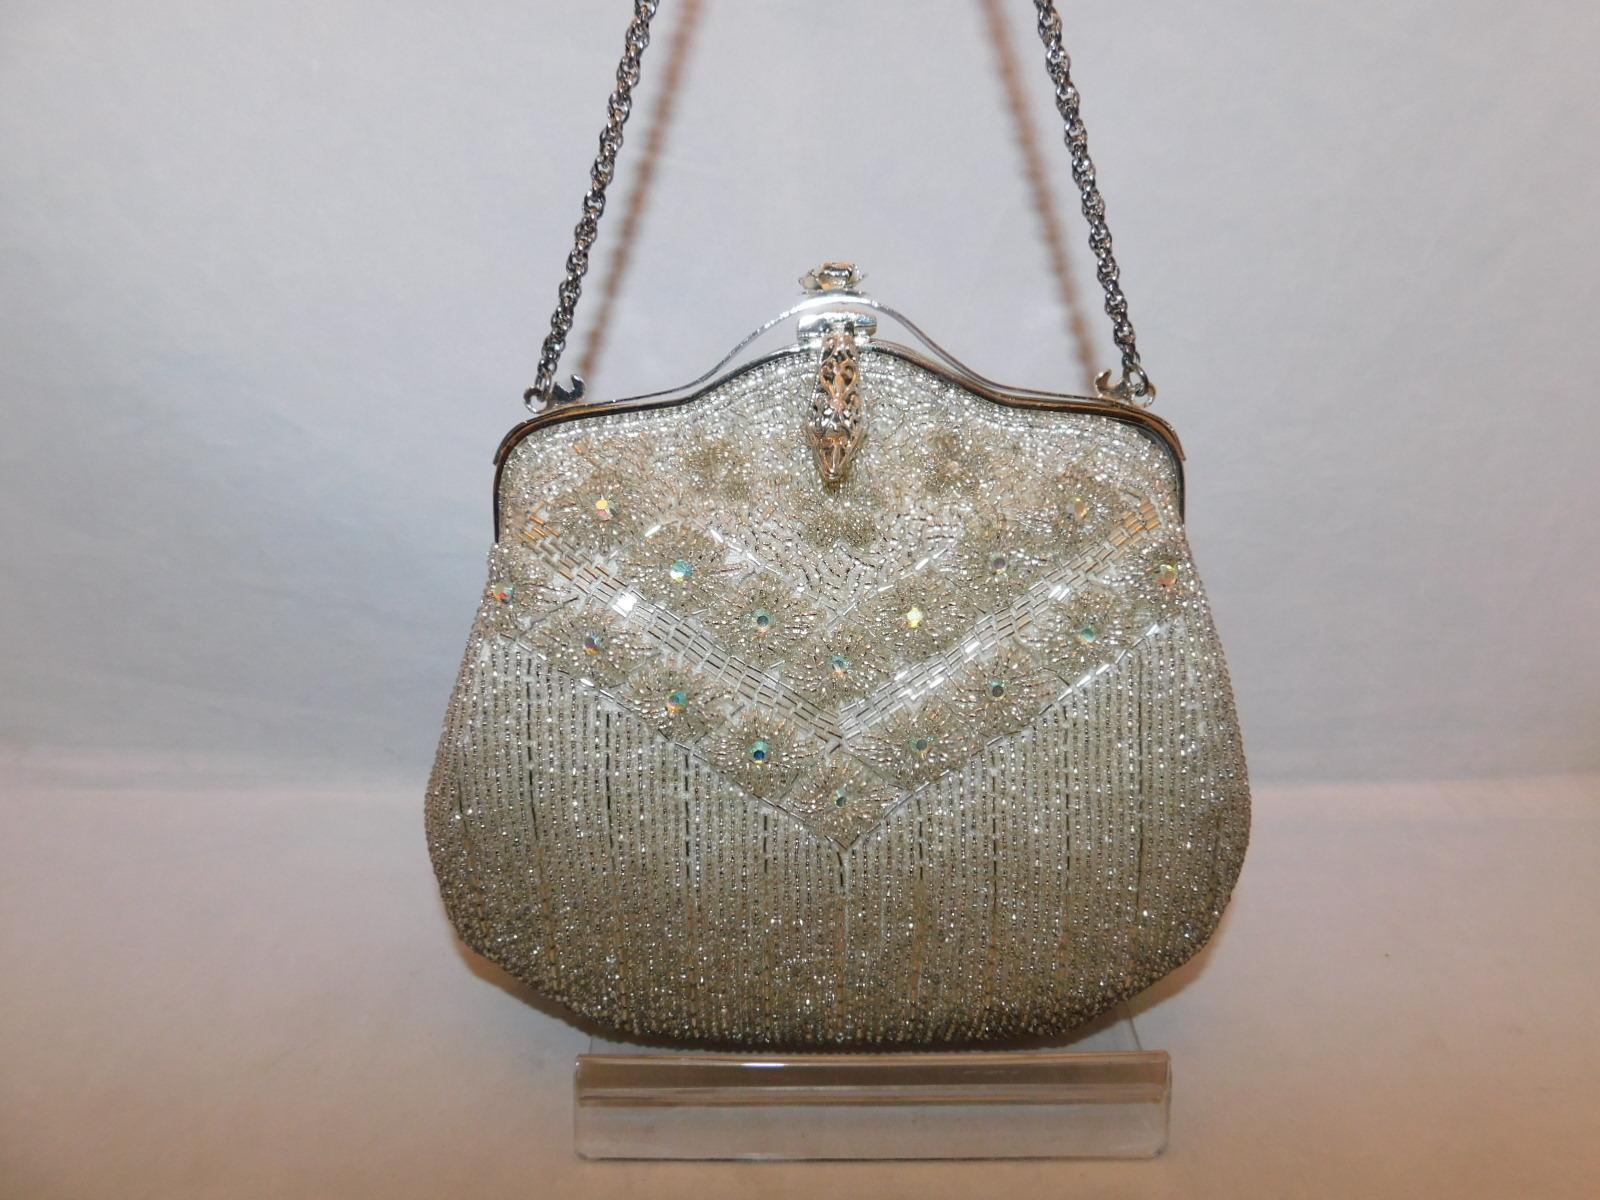 シルバービーズビィンテージバックsilver color bead vintage bag(made in Japan)(No66)